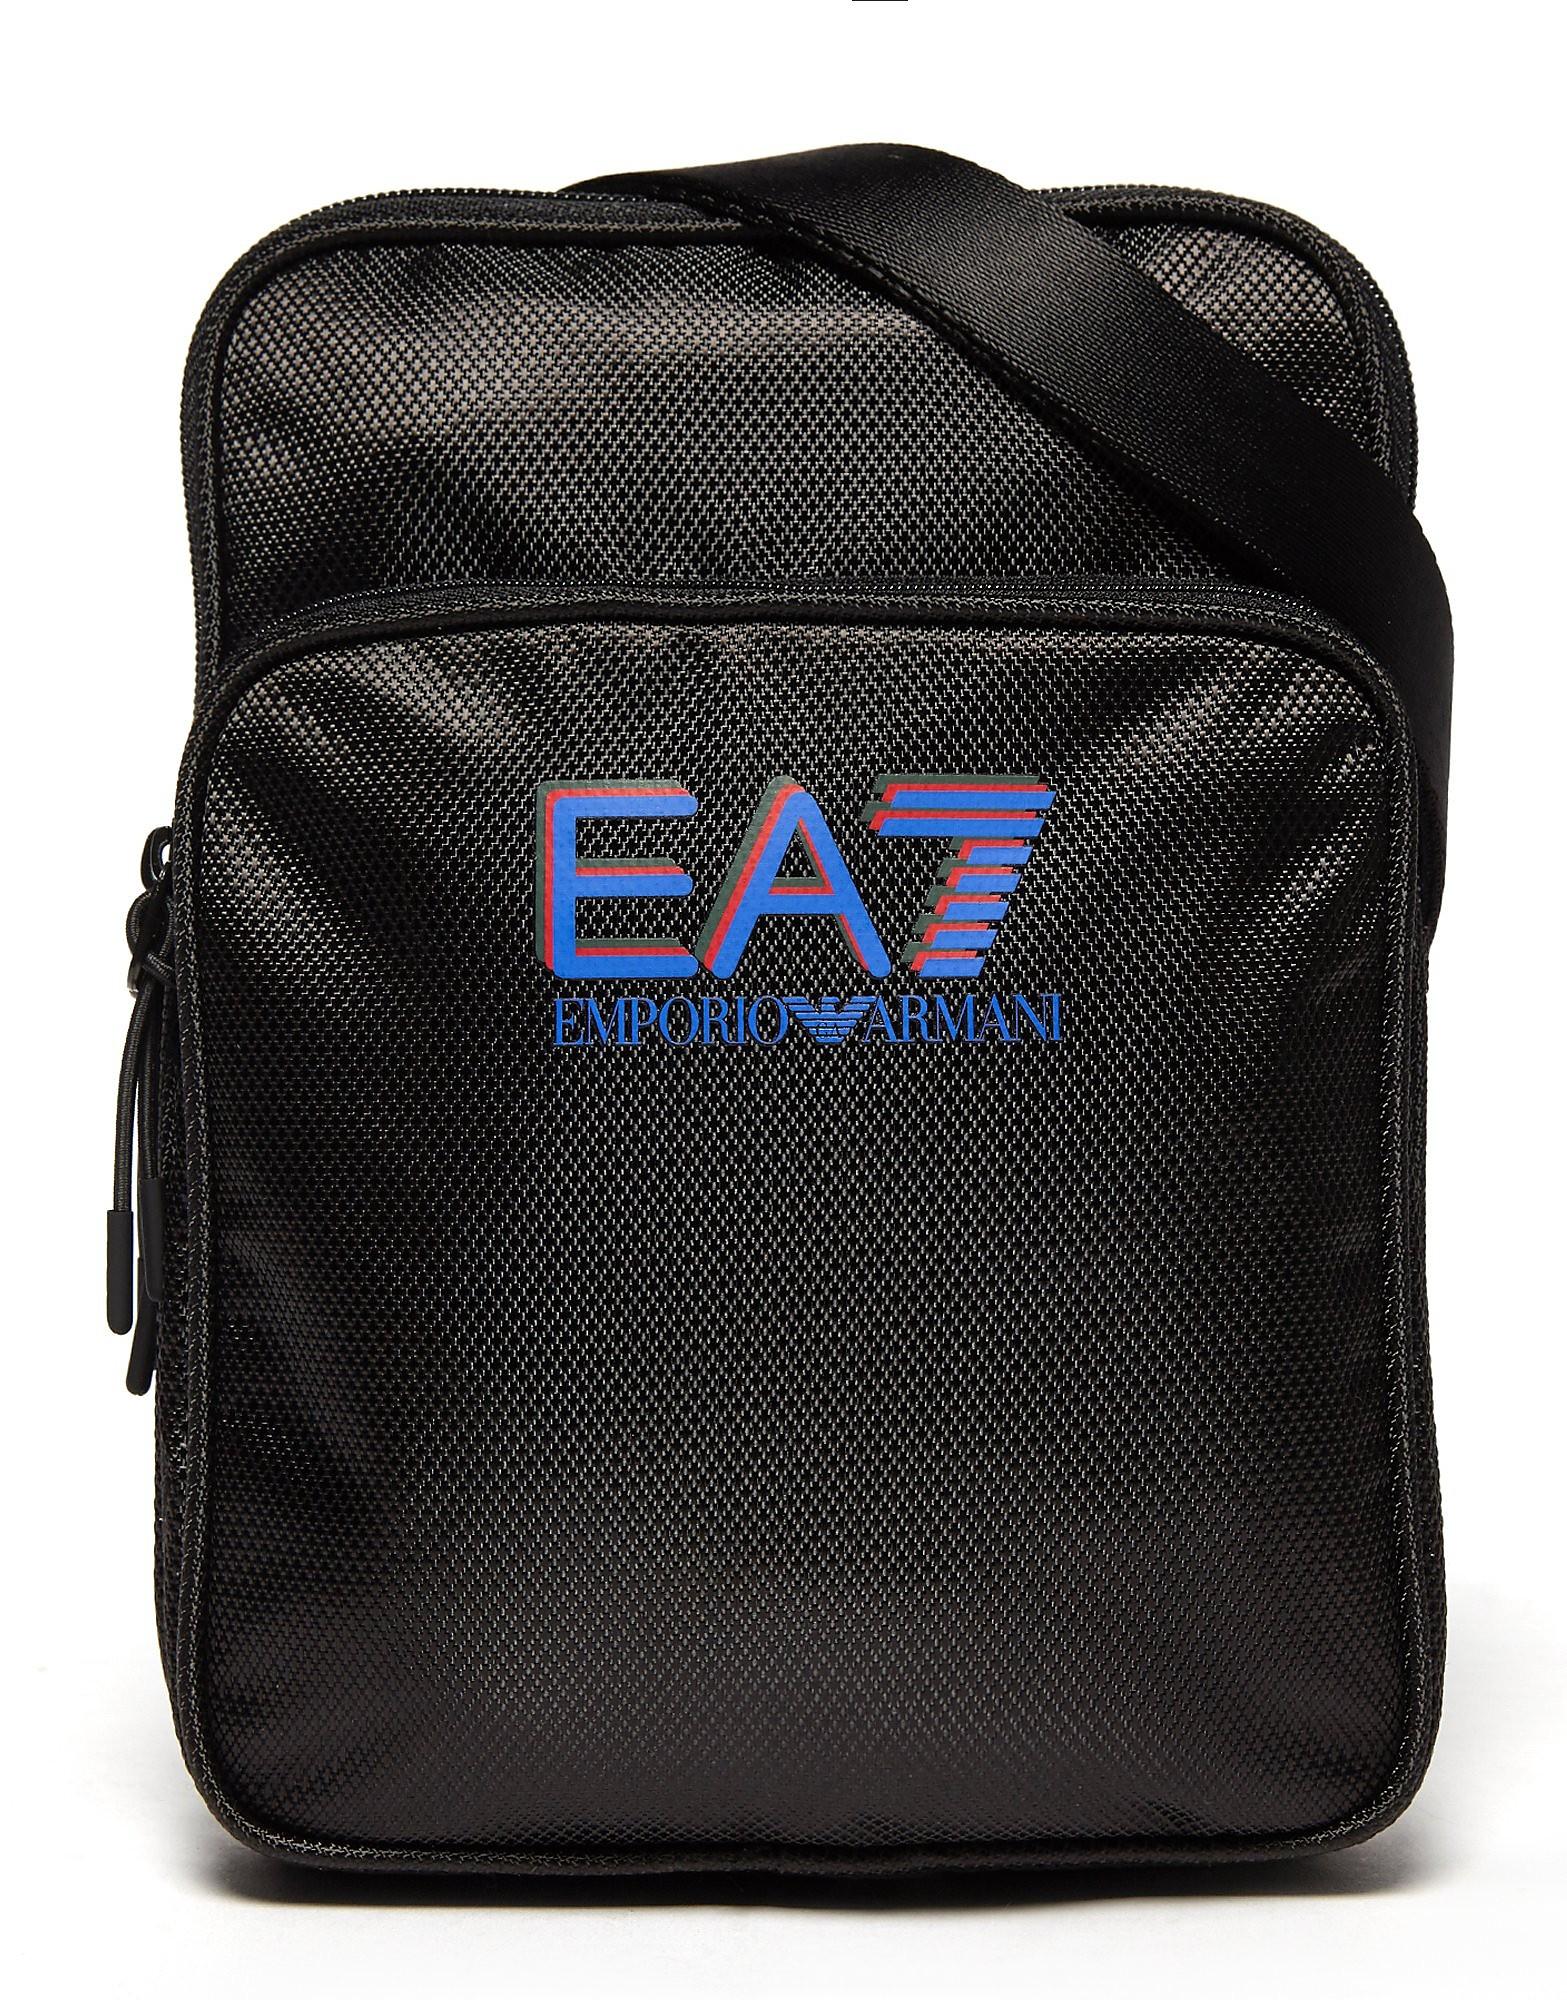 Emporio Armani EA7 Train Pouch Bag